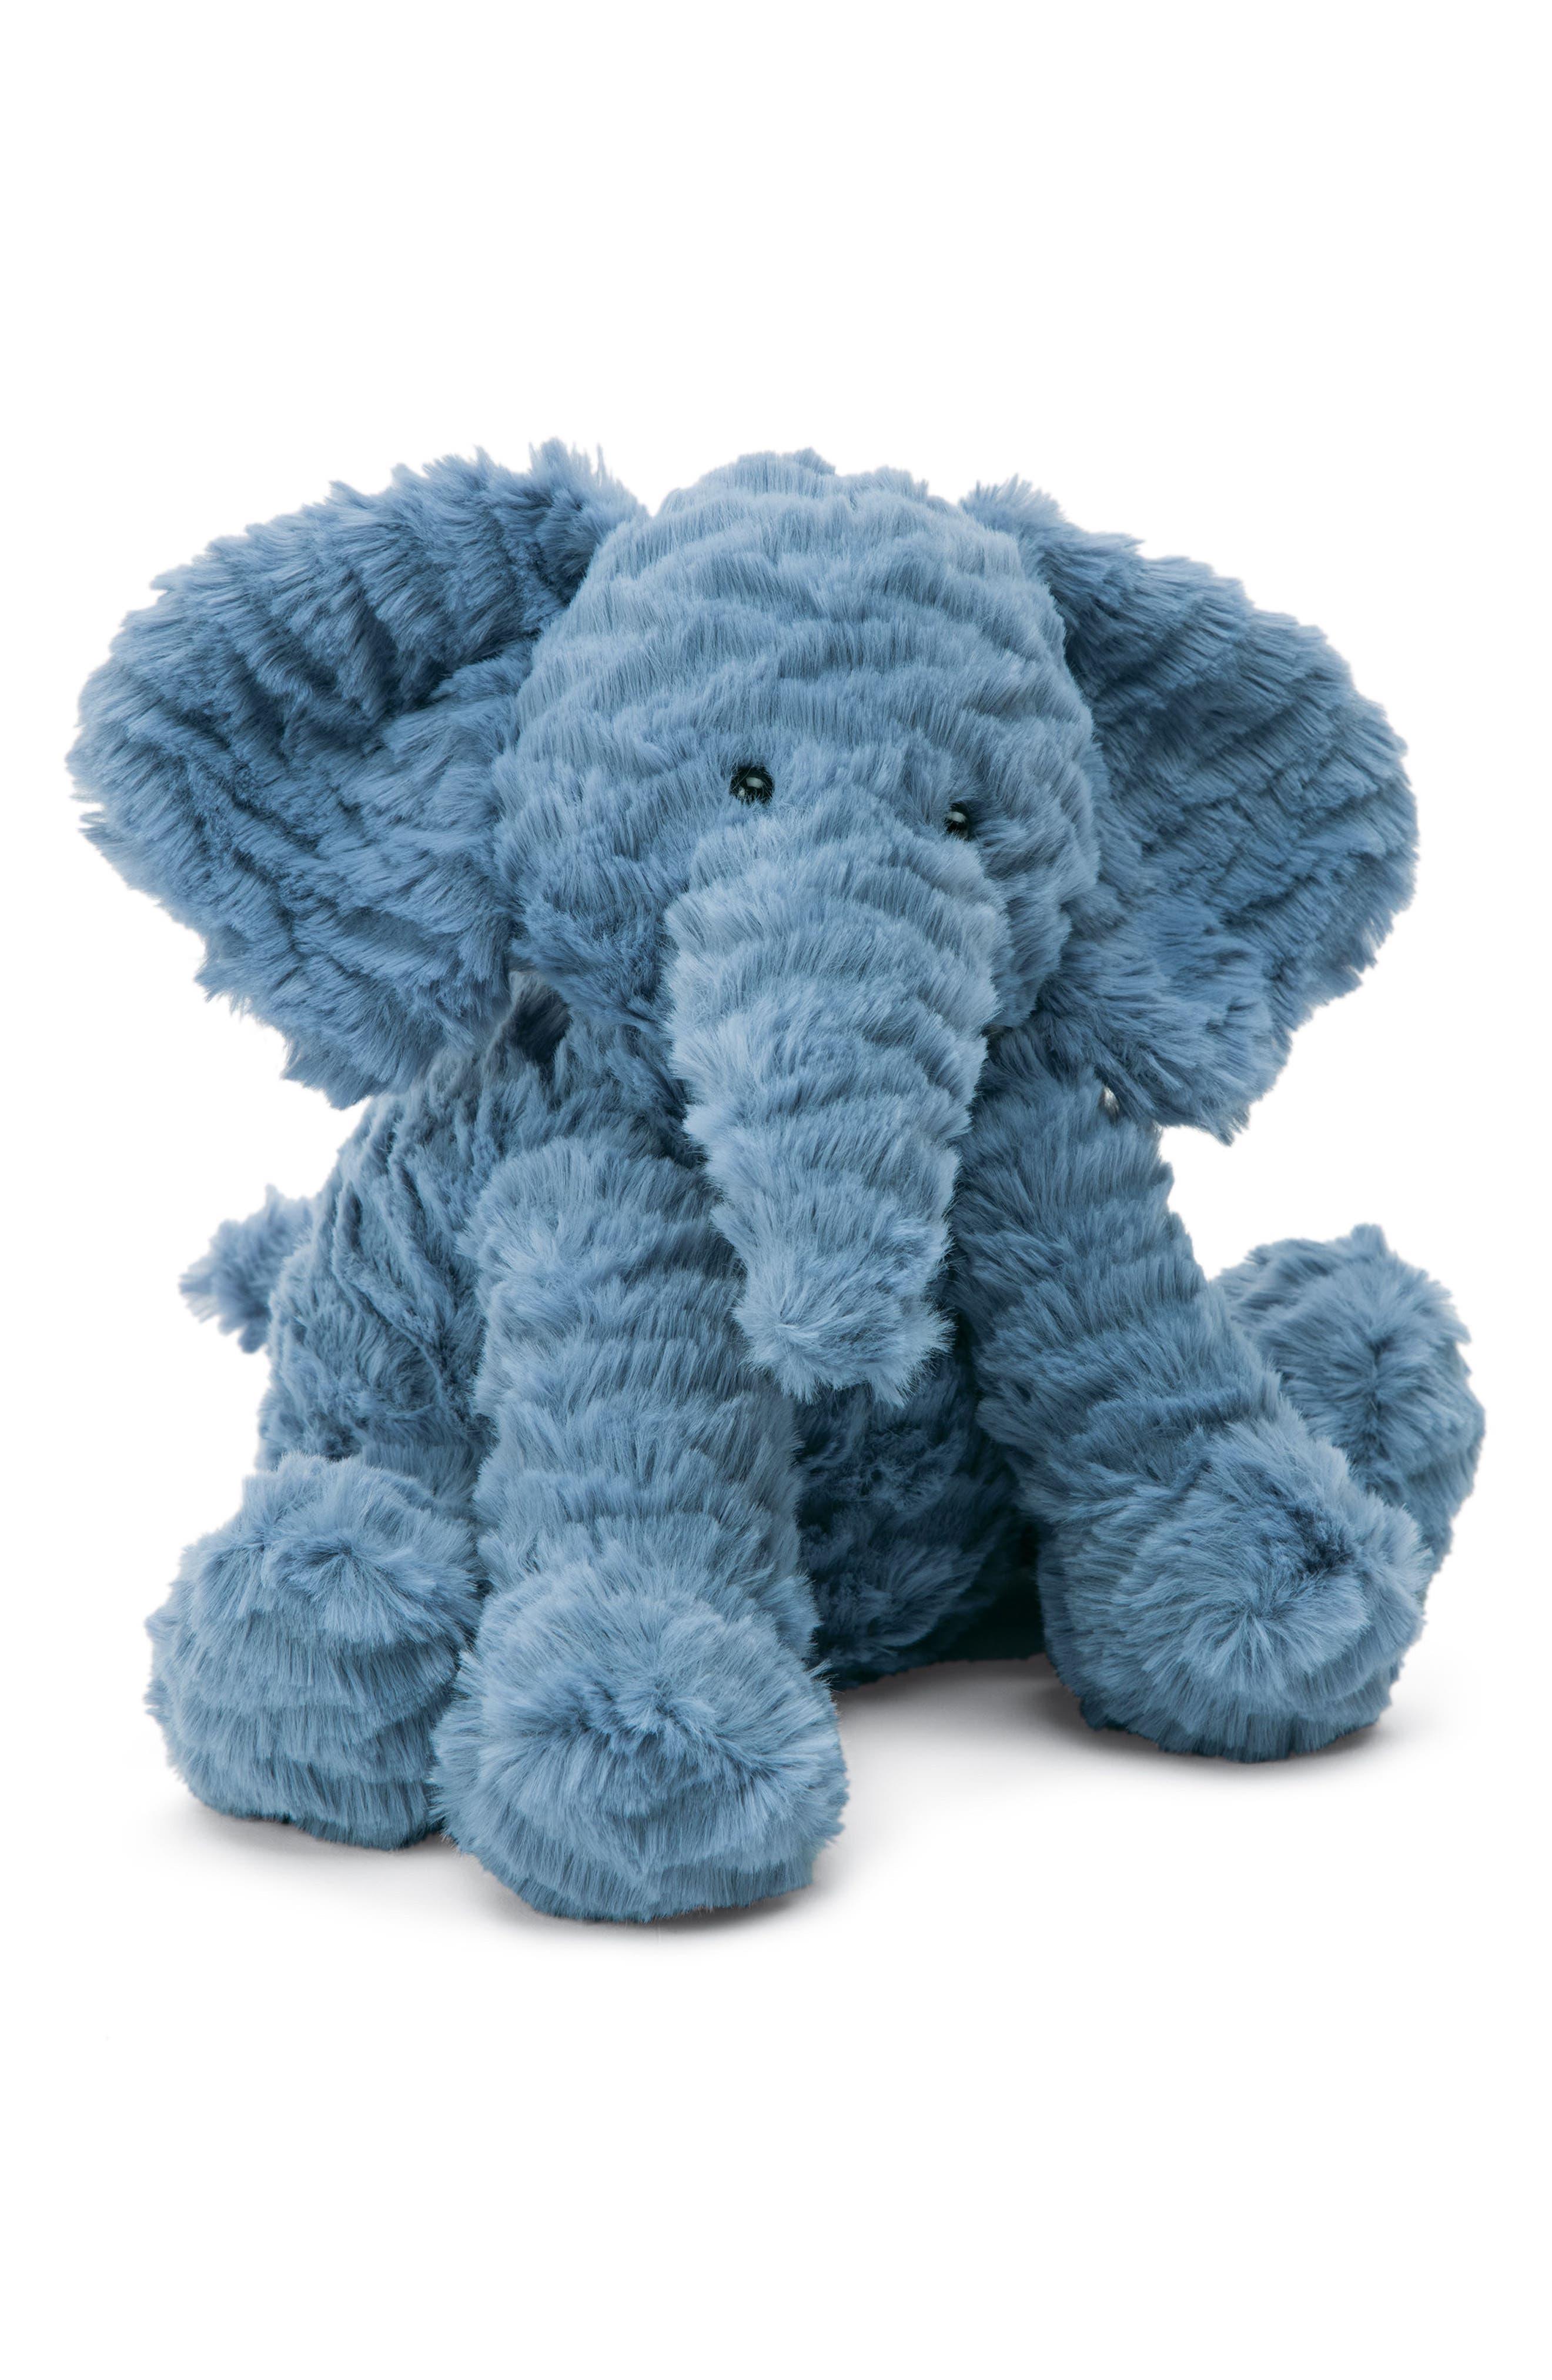 Fuddlewuddle Elephant Stuffed Animal,                             Main thumbnail 1, color,                             Blue